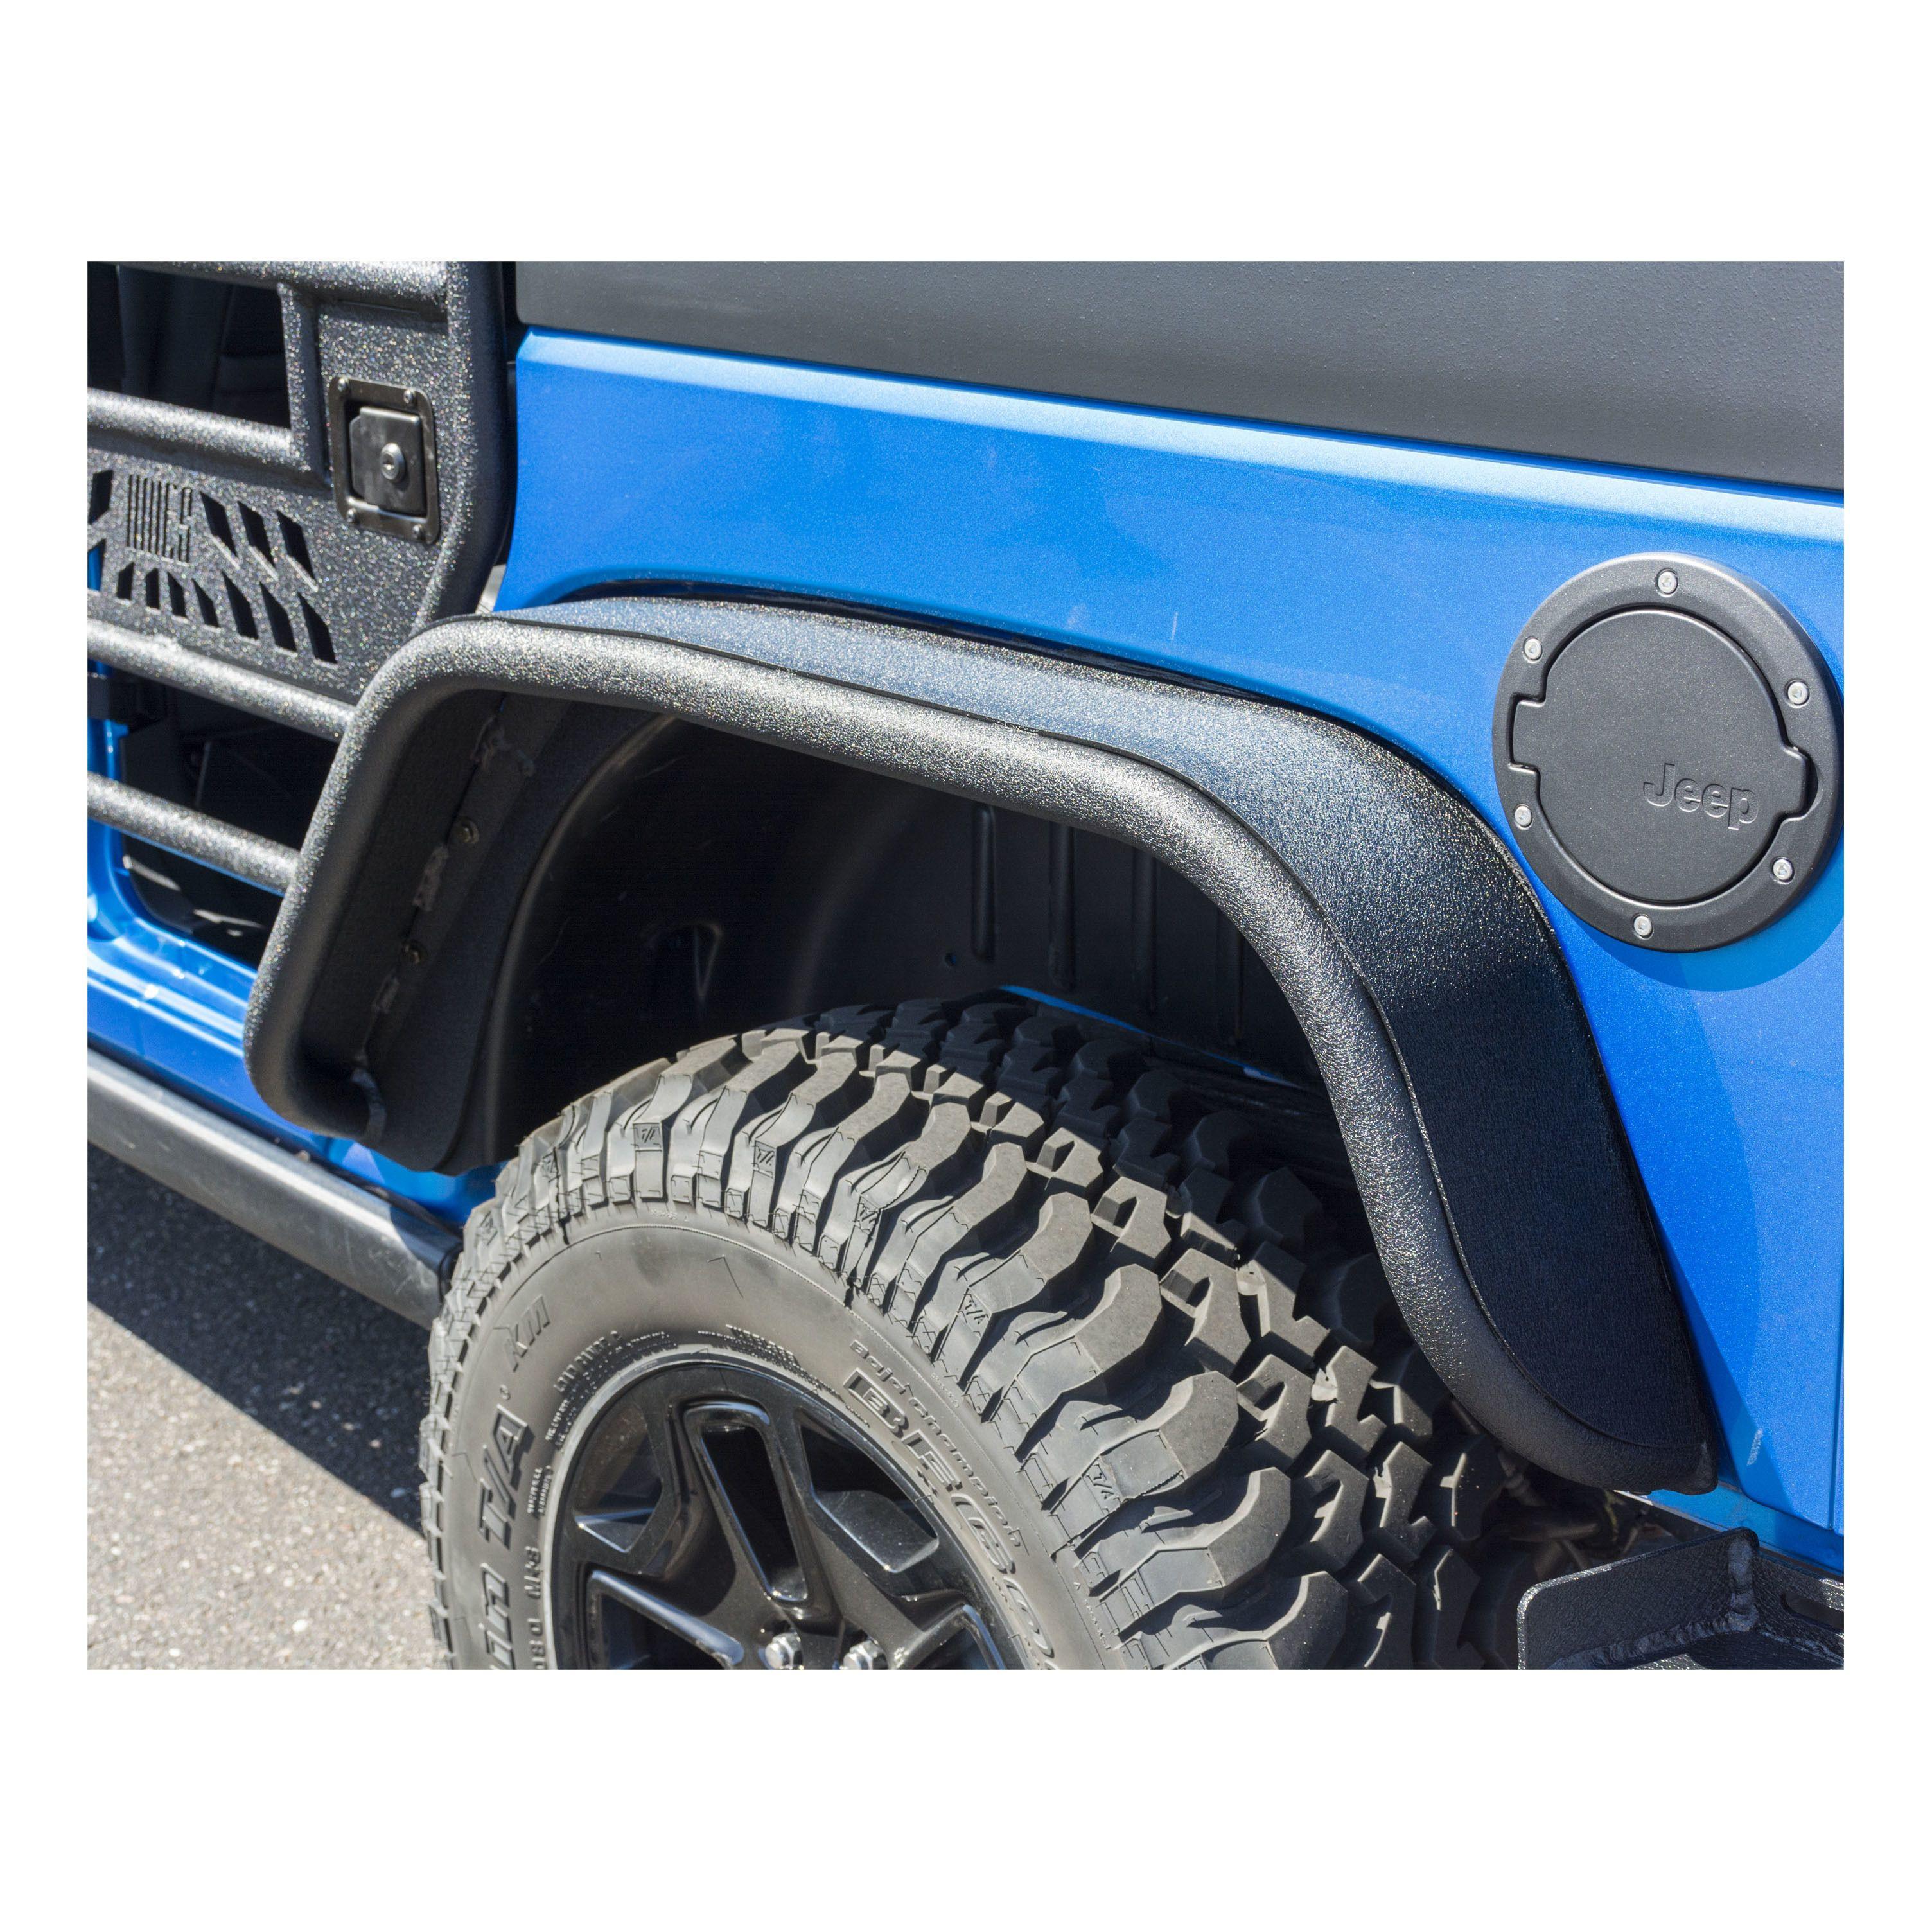 Aries Automotive Rear Tubular Fender Flares For 2007-18 Jeep Wrangler JK 2 Door & Unlimited 4 Door Models 2500201